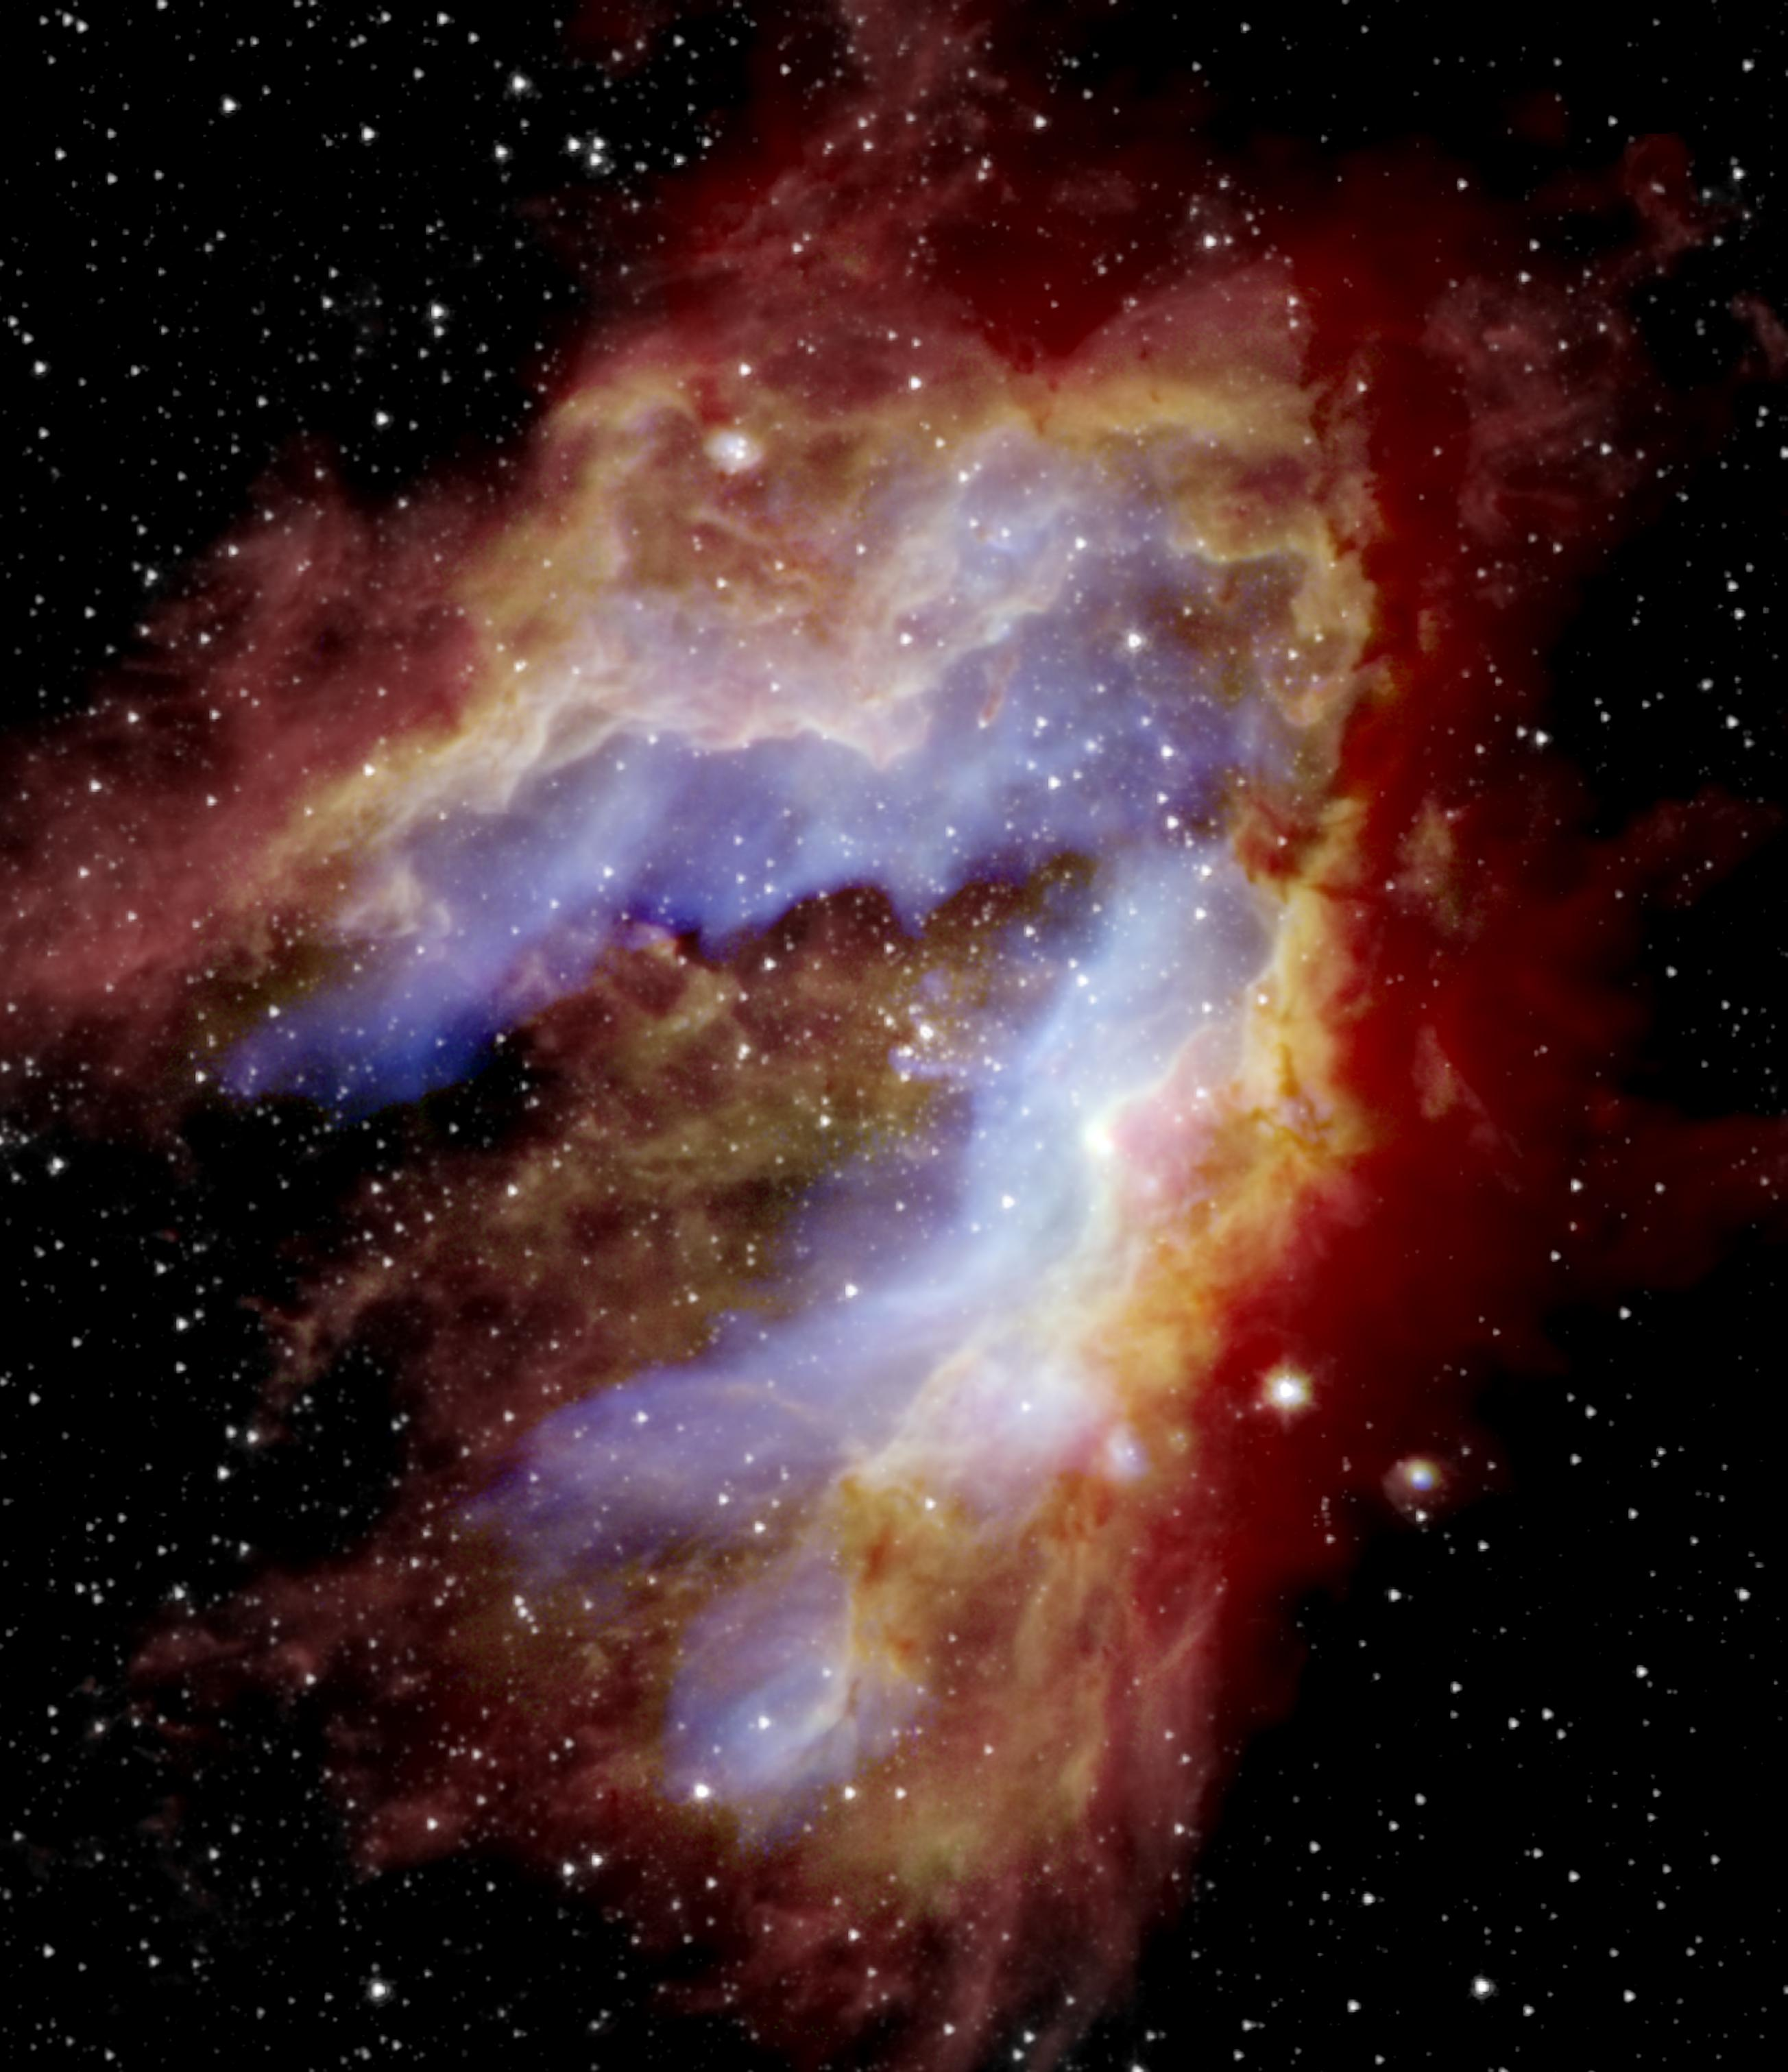 Swan Nebula 'star factory' reveals protostar treasure to NASA's flying telescope